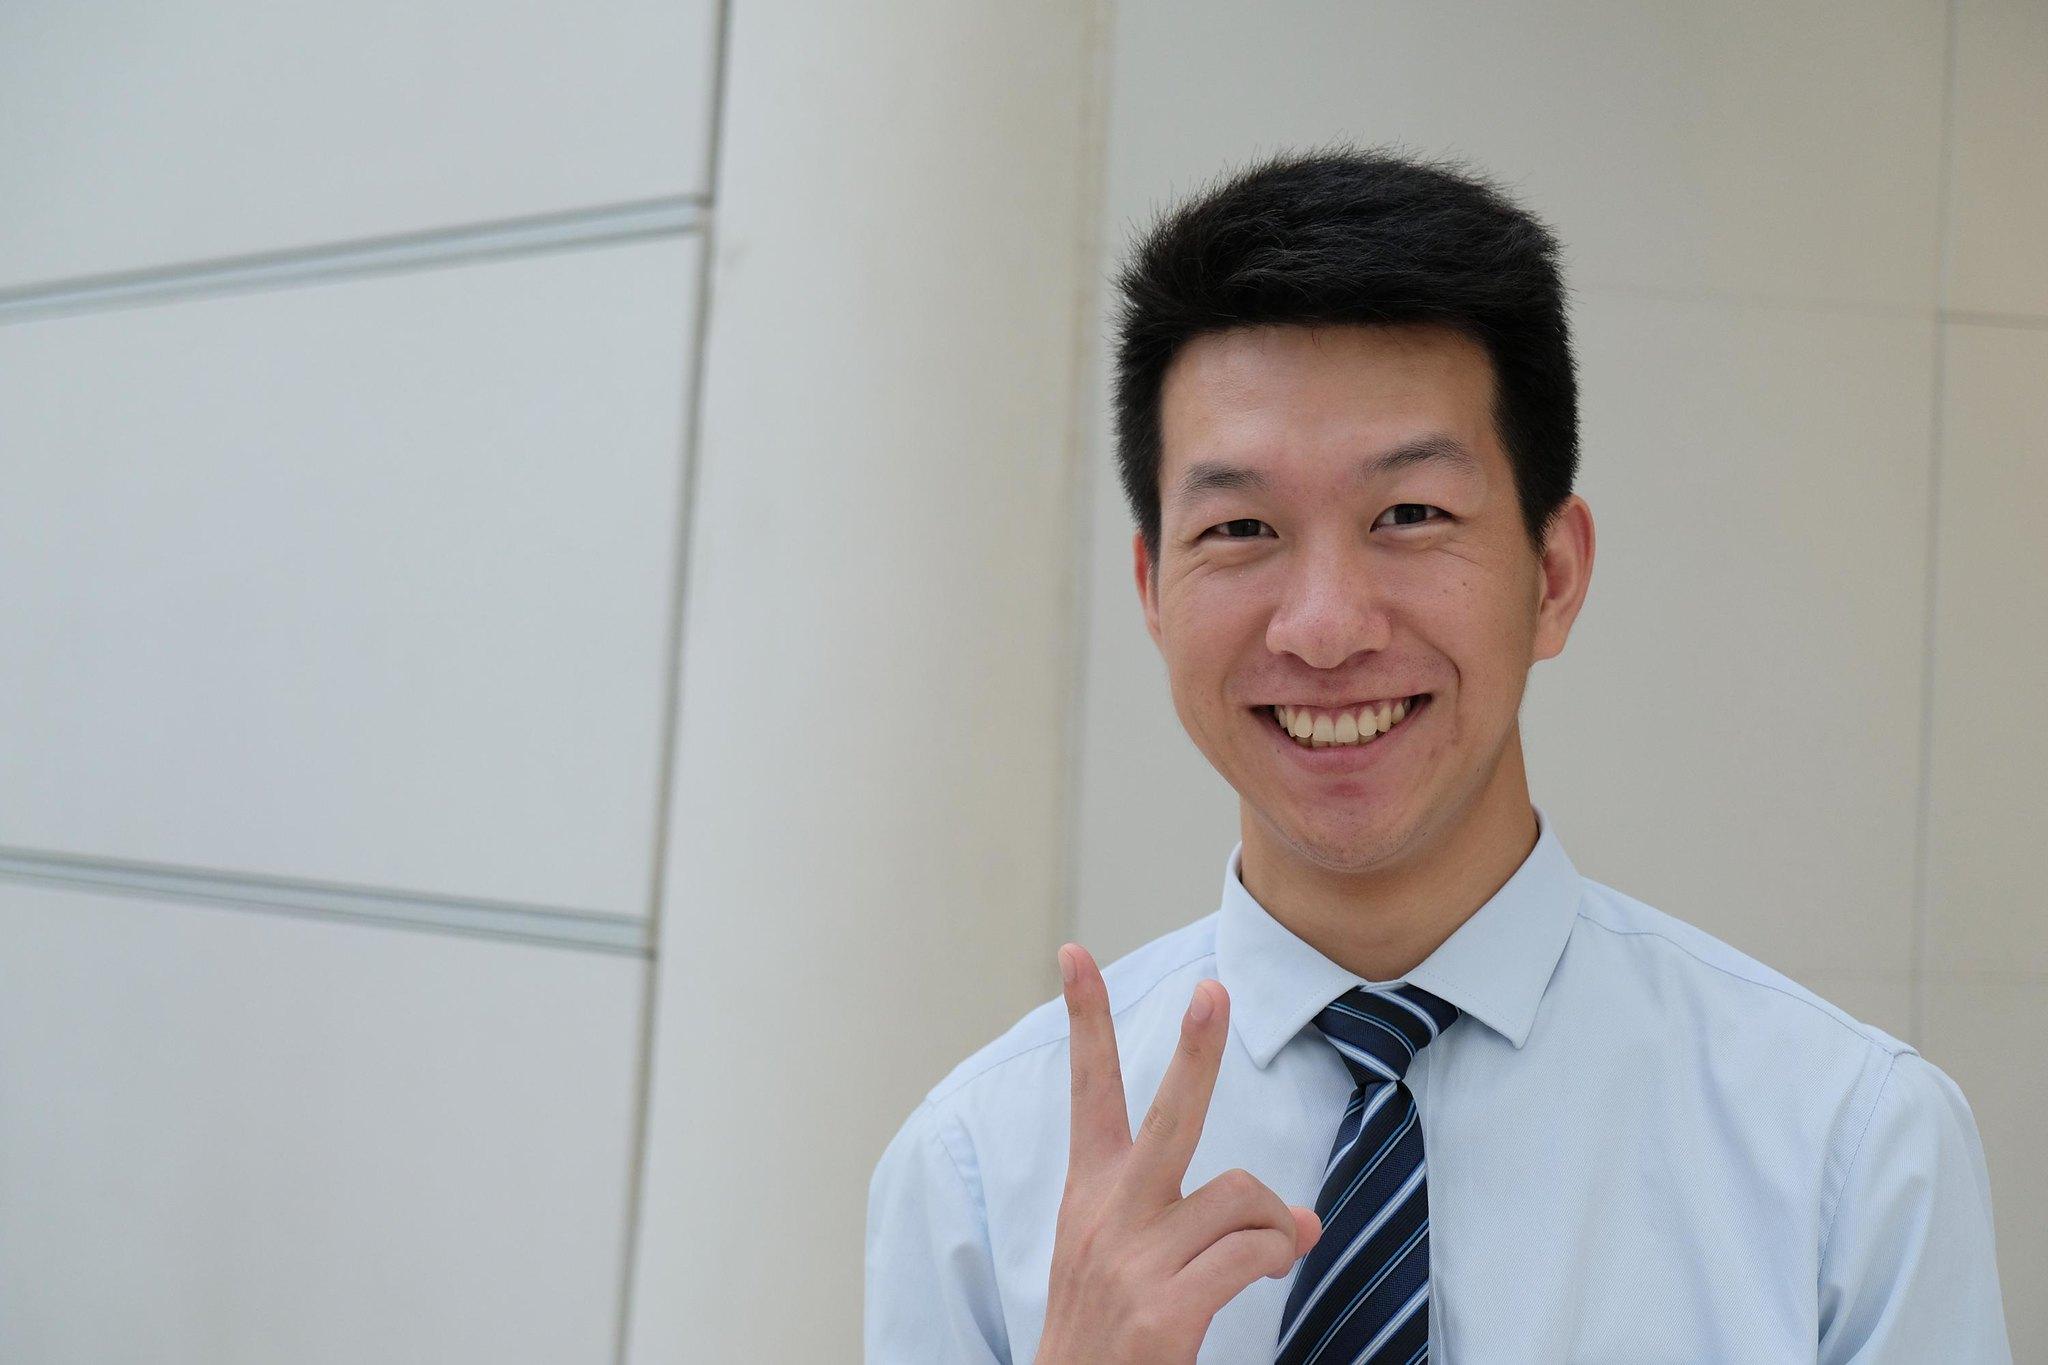 Zhang Xiansheng